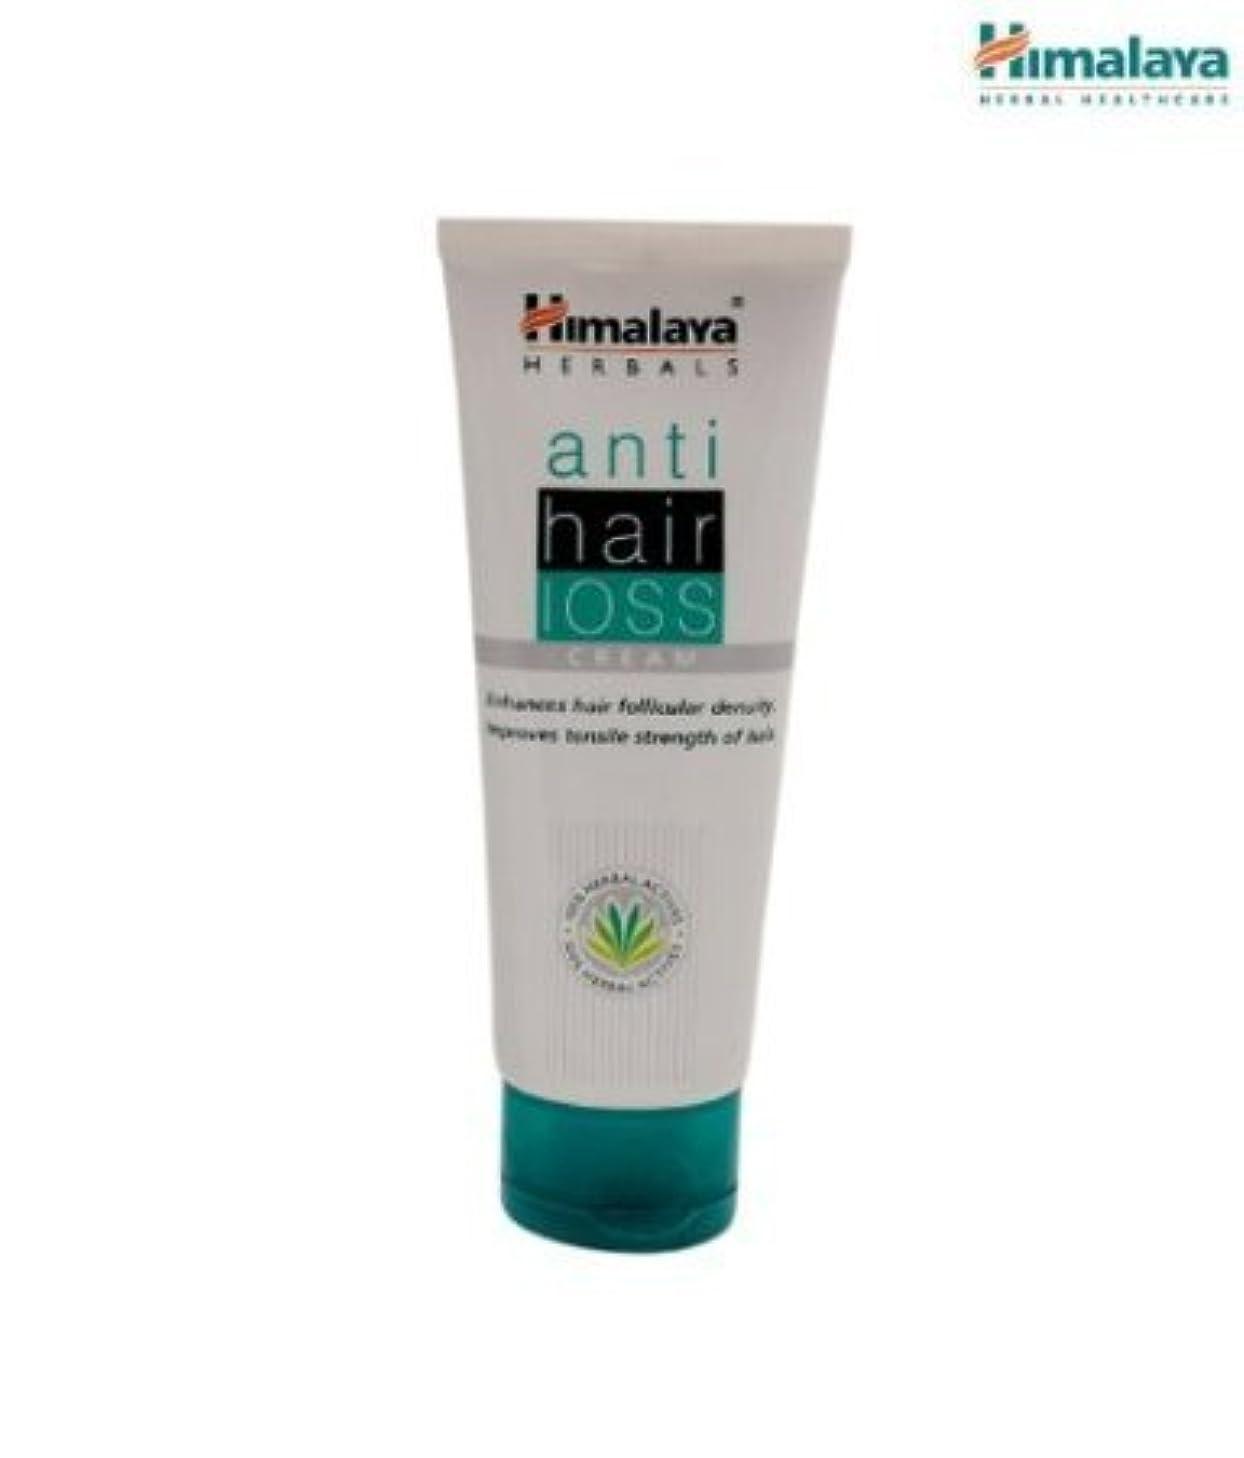 陽気な熱狂的な部分的Himalaya Anti Hair Loss Cream - 100ml